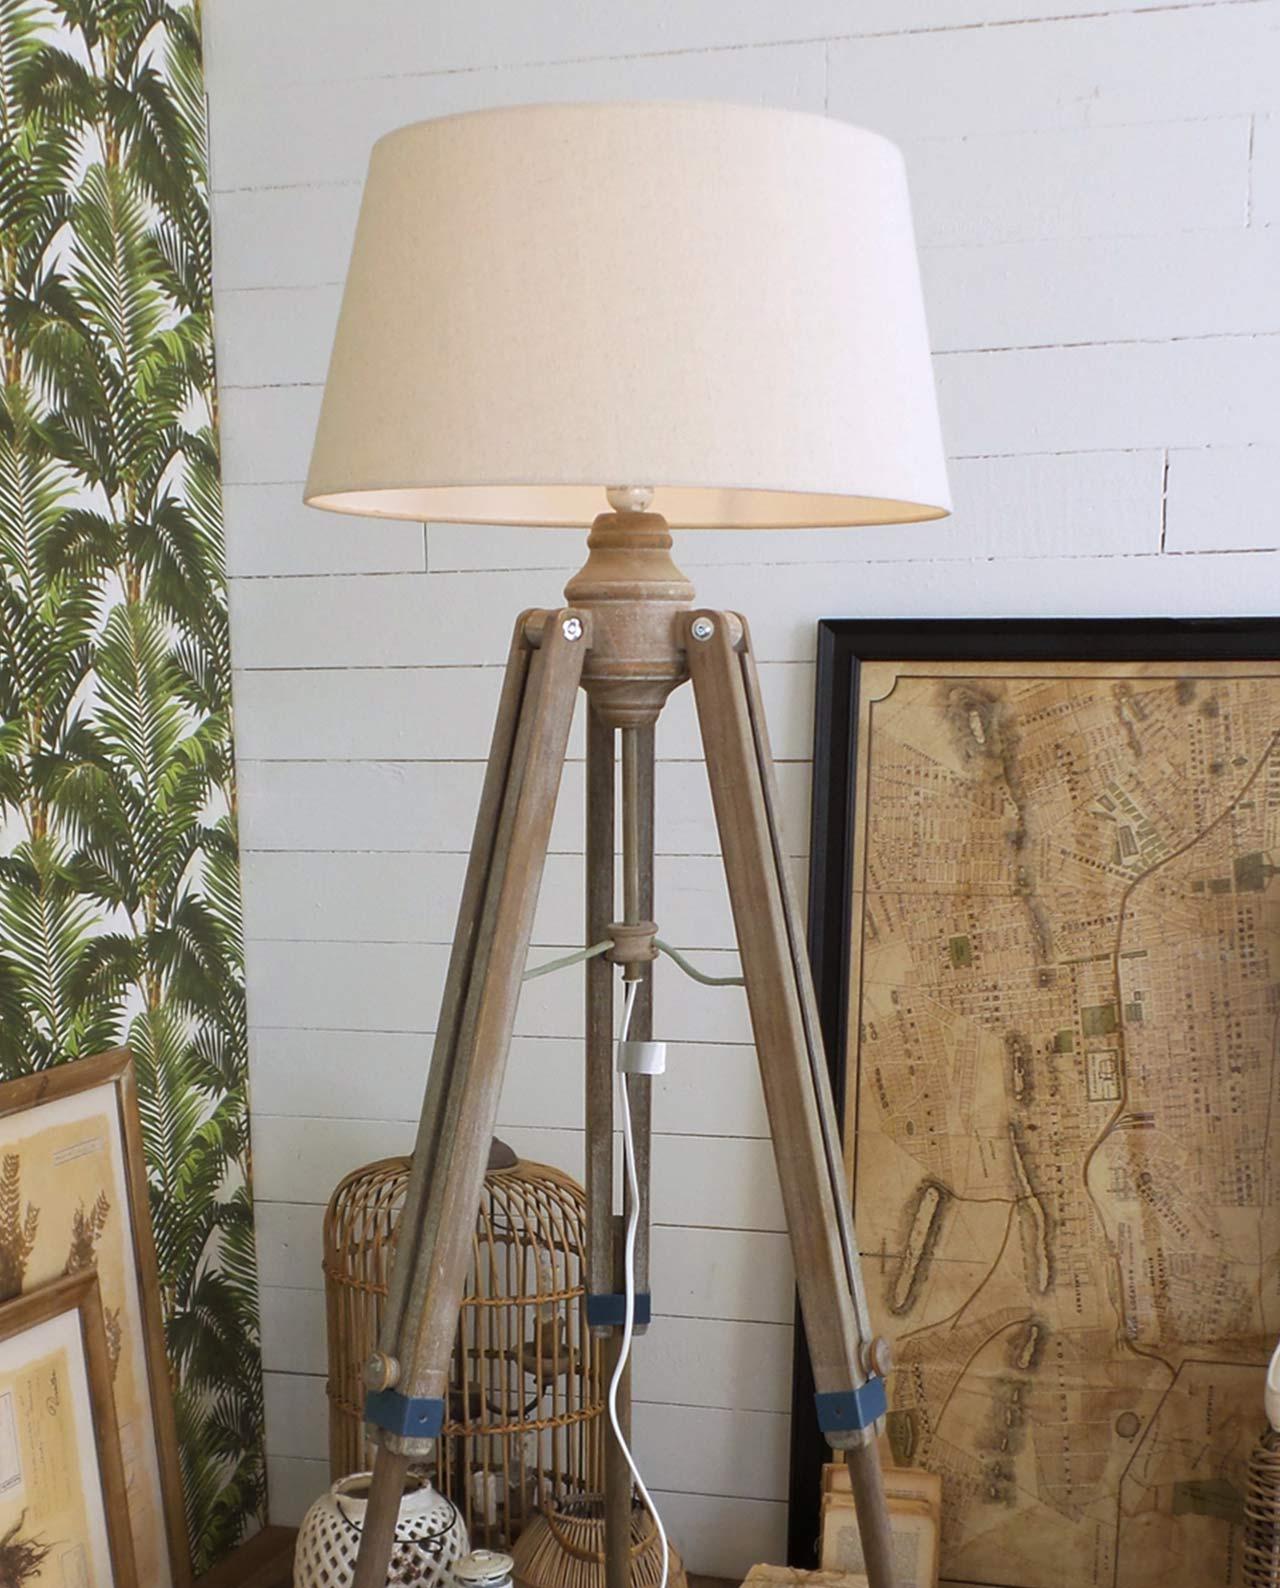 Piantana 3 piedi altezza regolabile mobilia store home for Mobilia recensioni